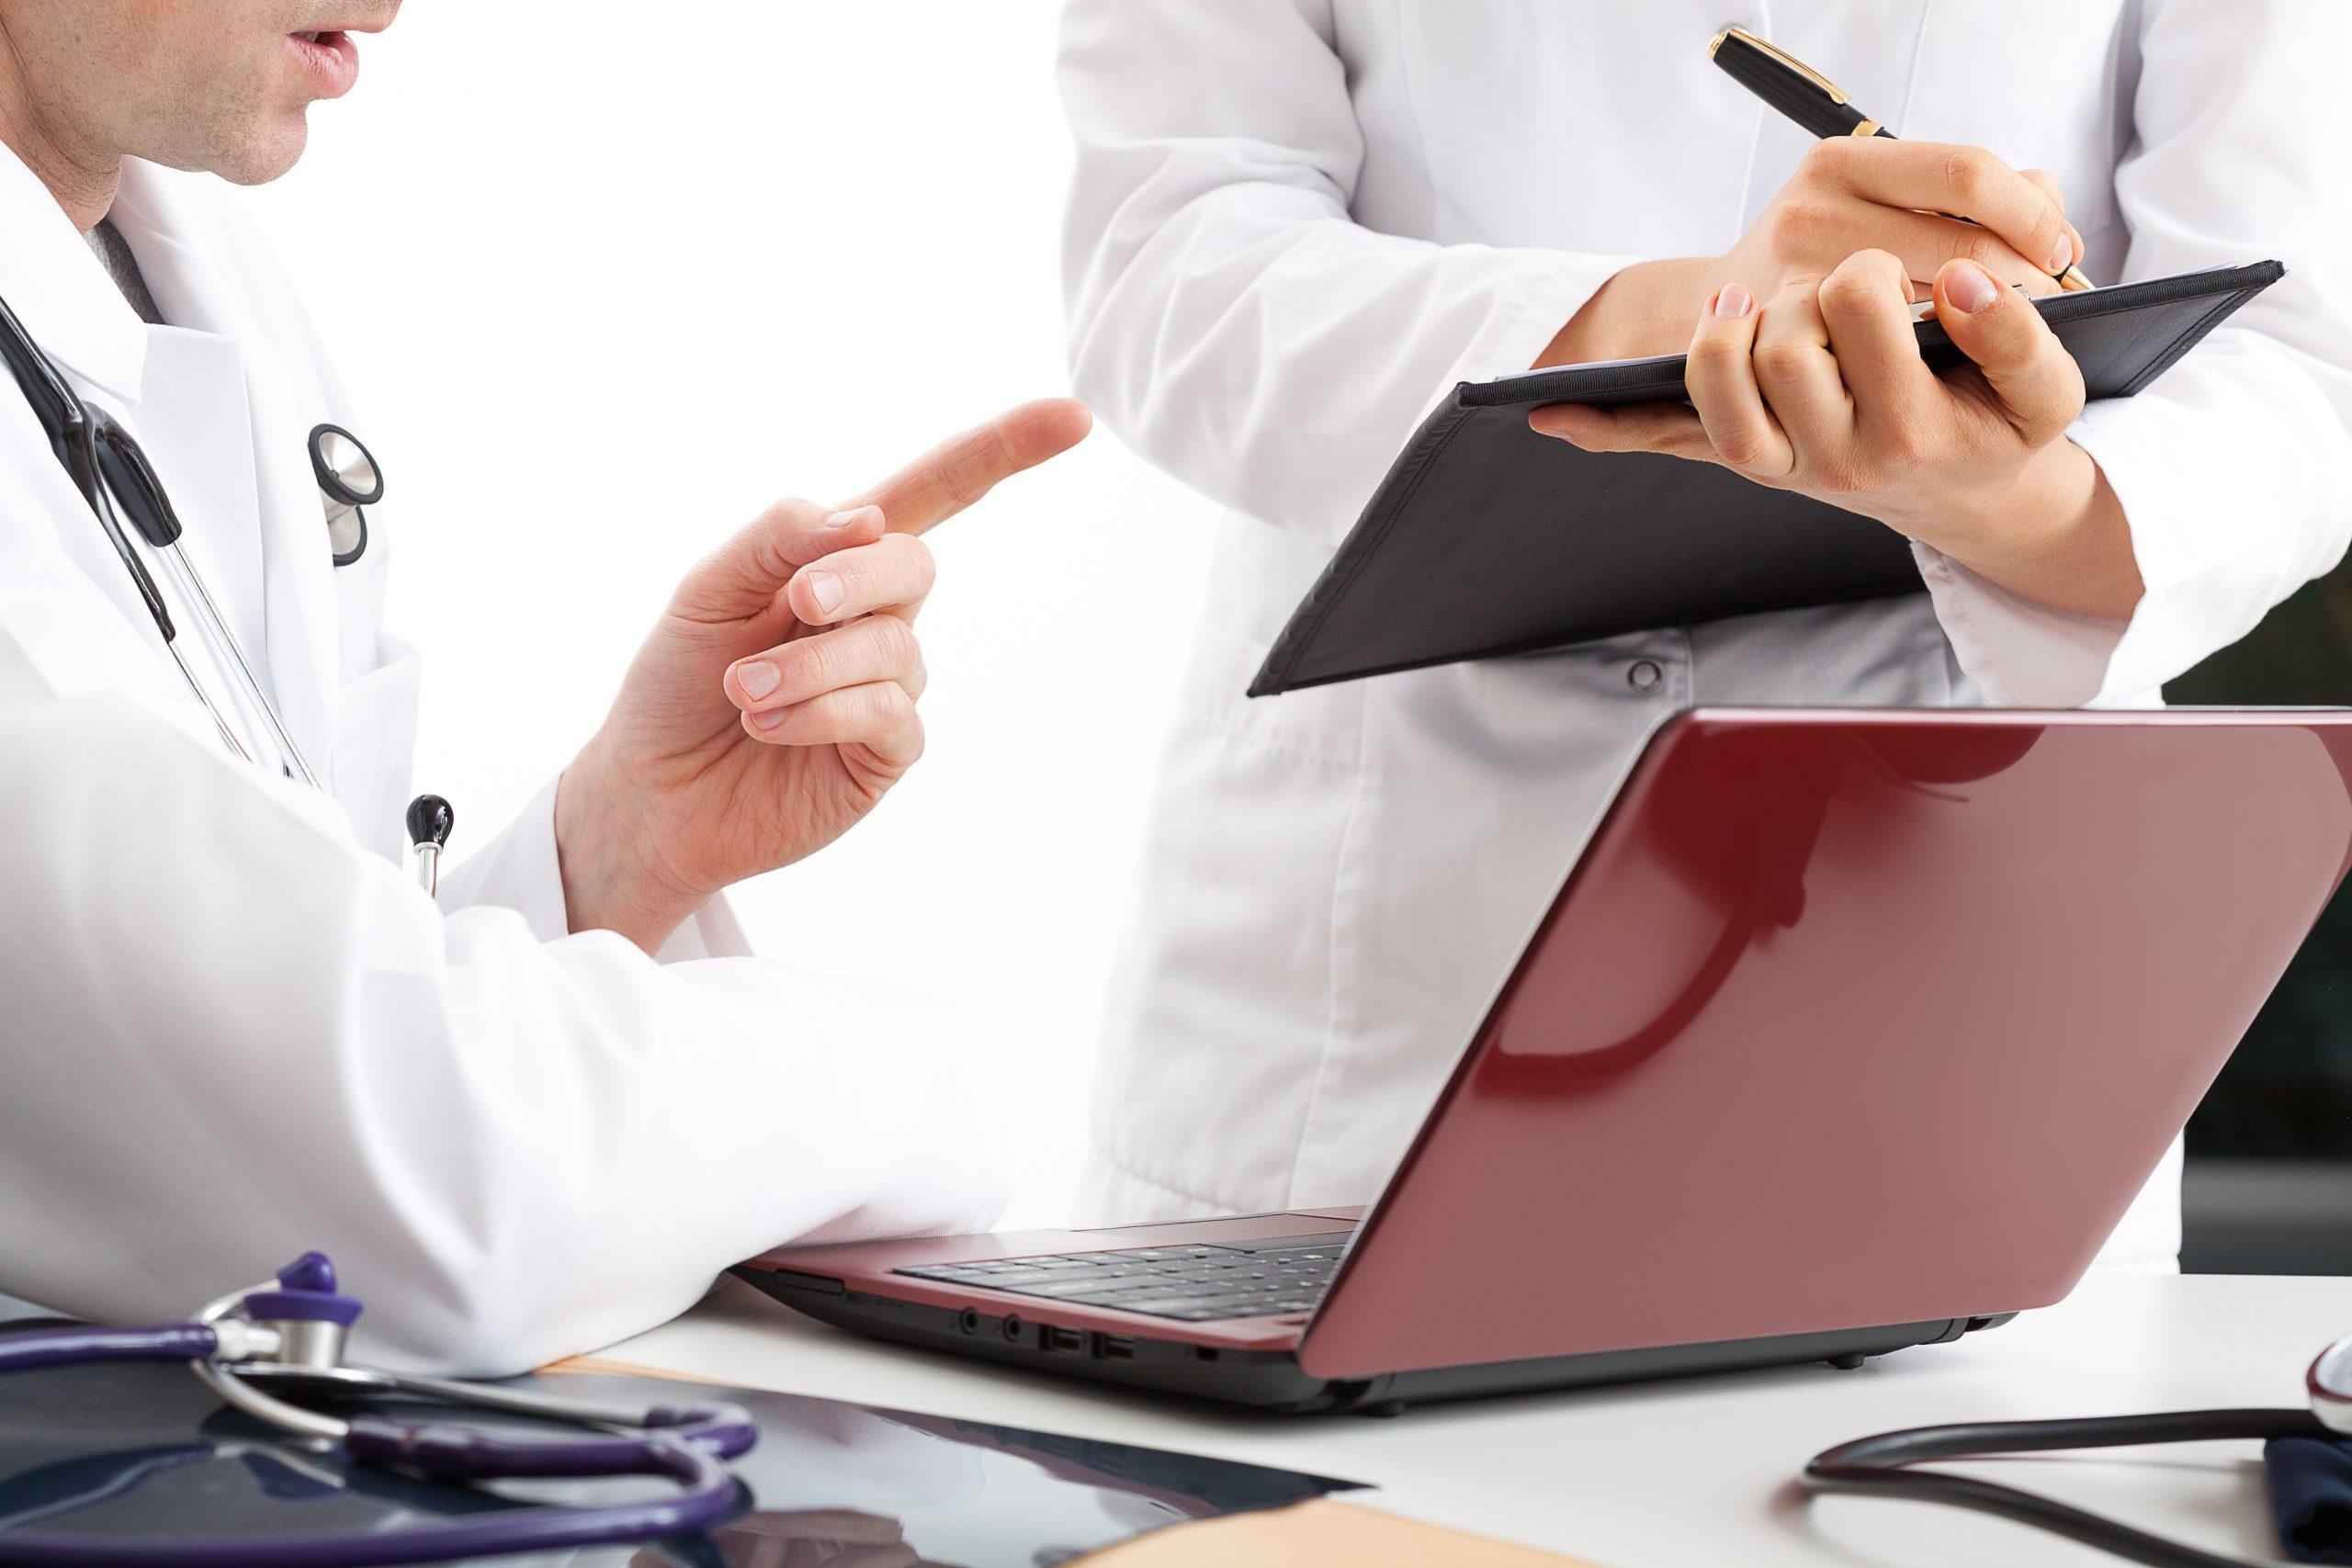 TRU: Não é necessária a contemporaneidade dos sintomas para quem sofre de cardiopatia grave ser isento do IRPF